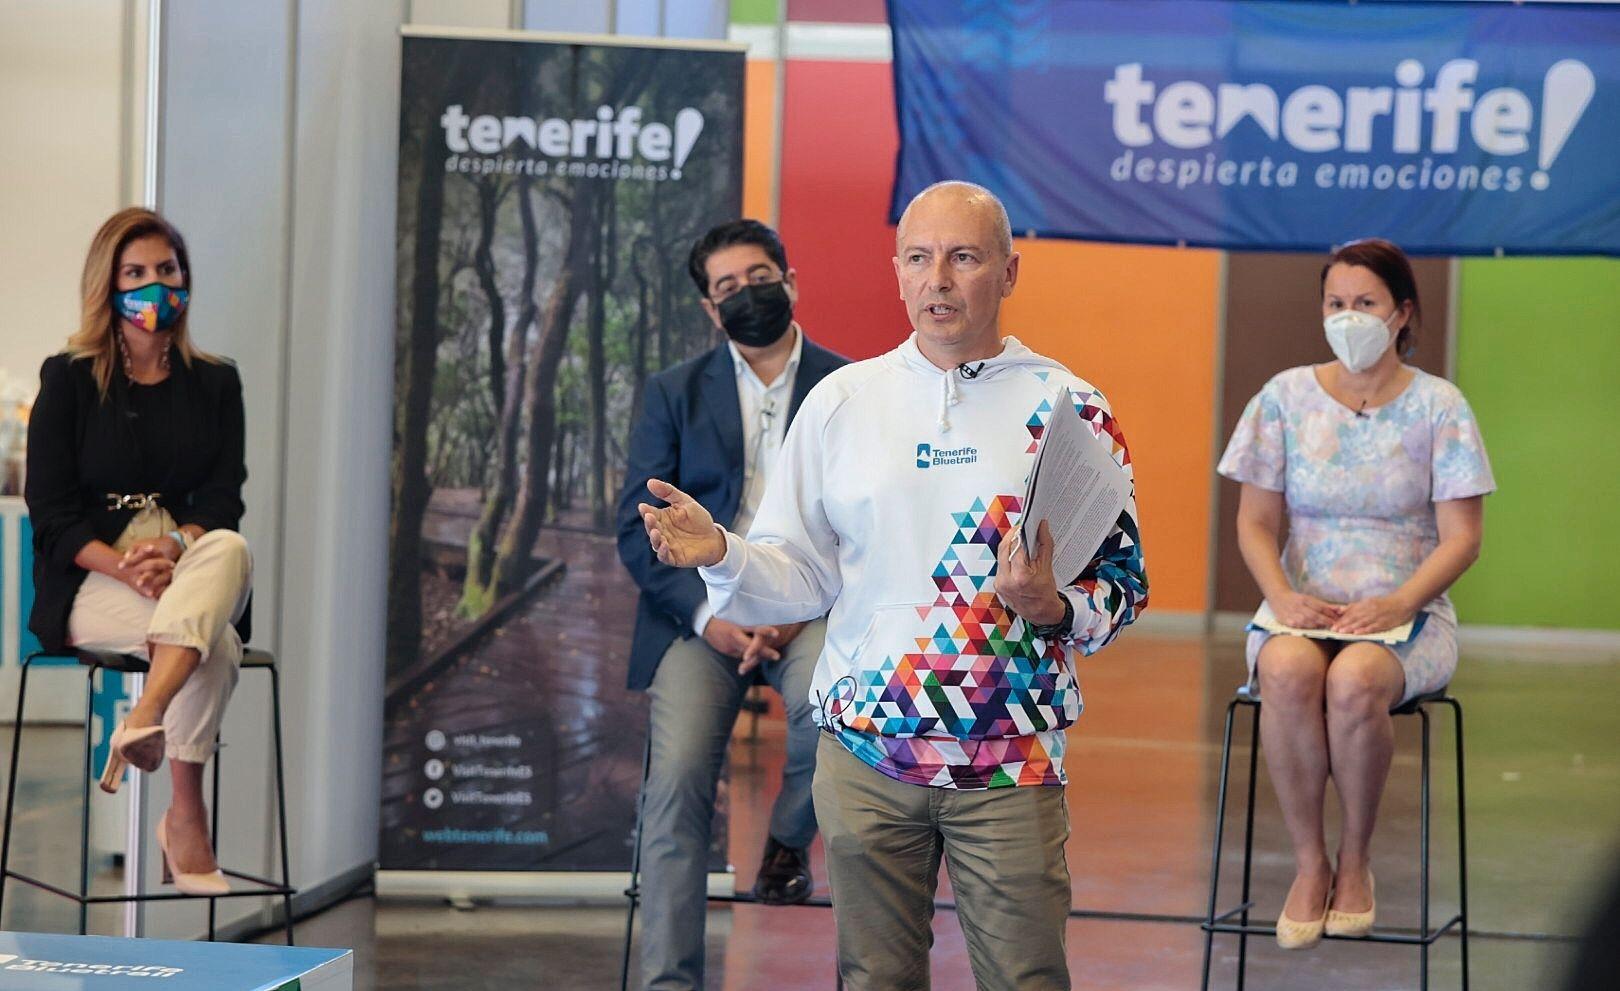 Presentación de la Tenerife Bluetrail